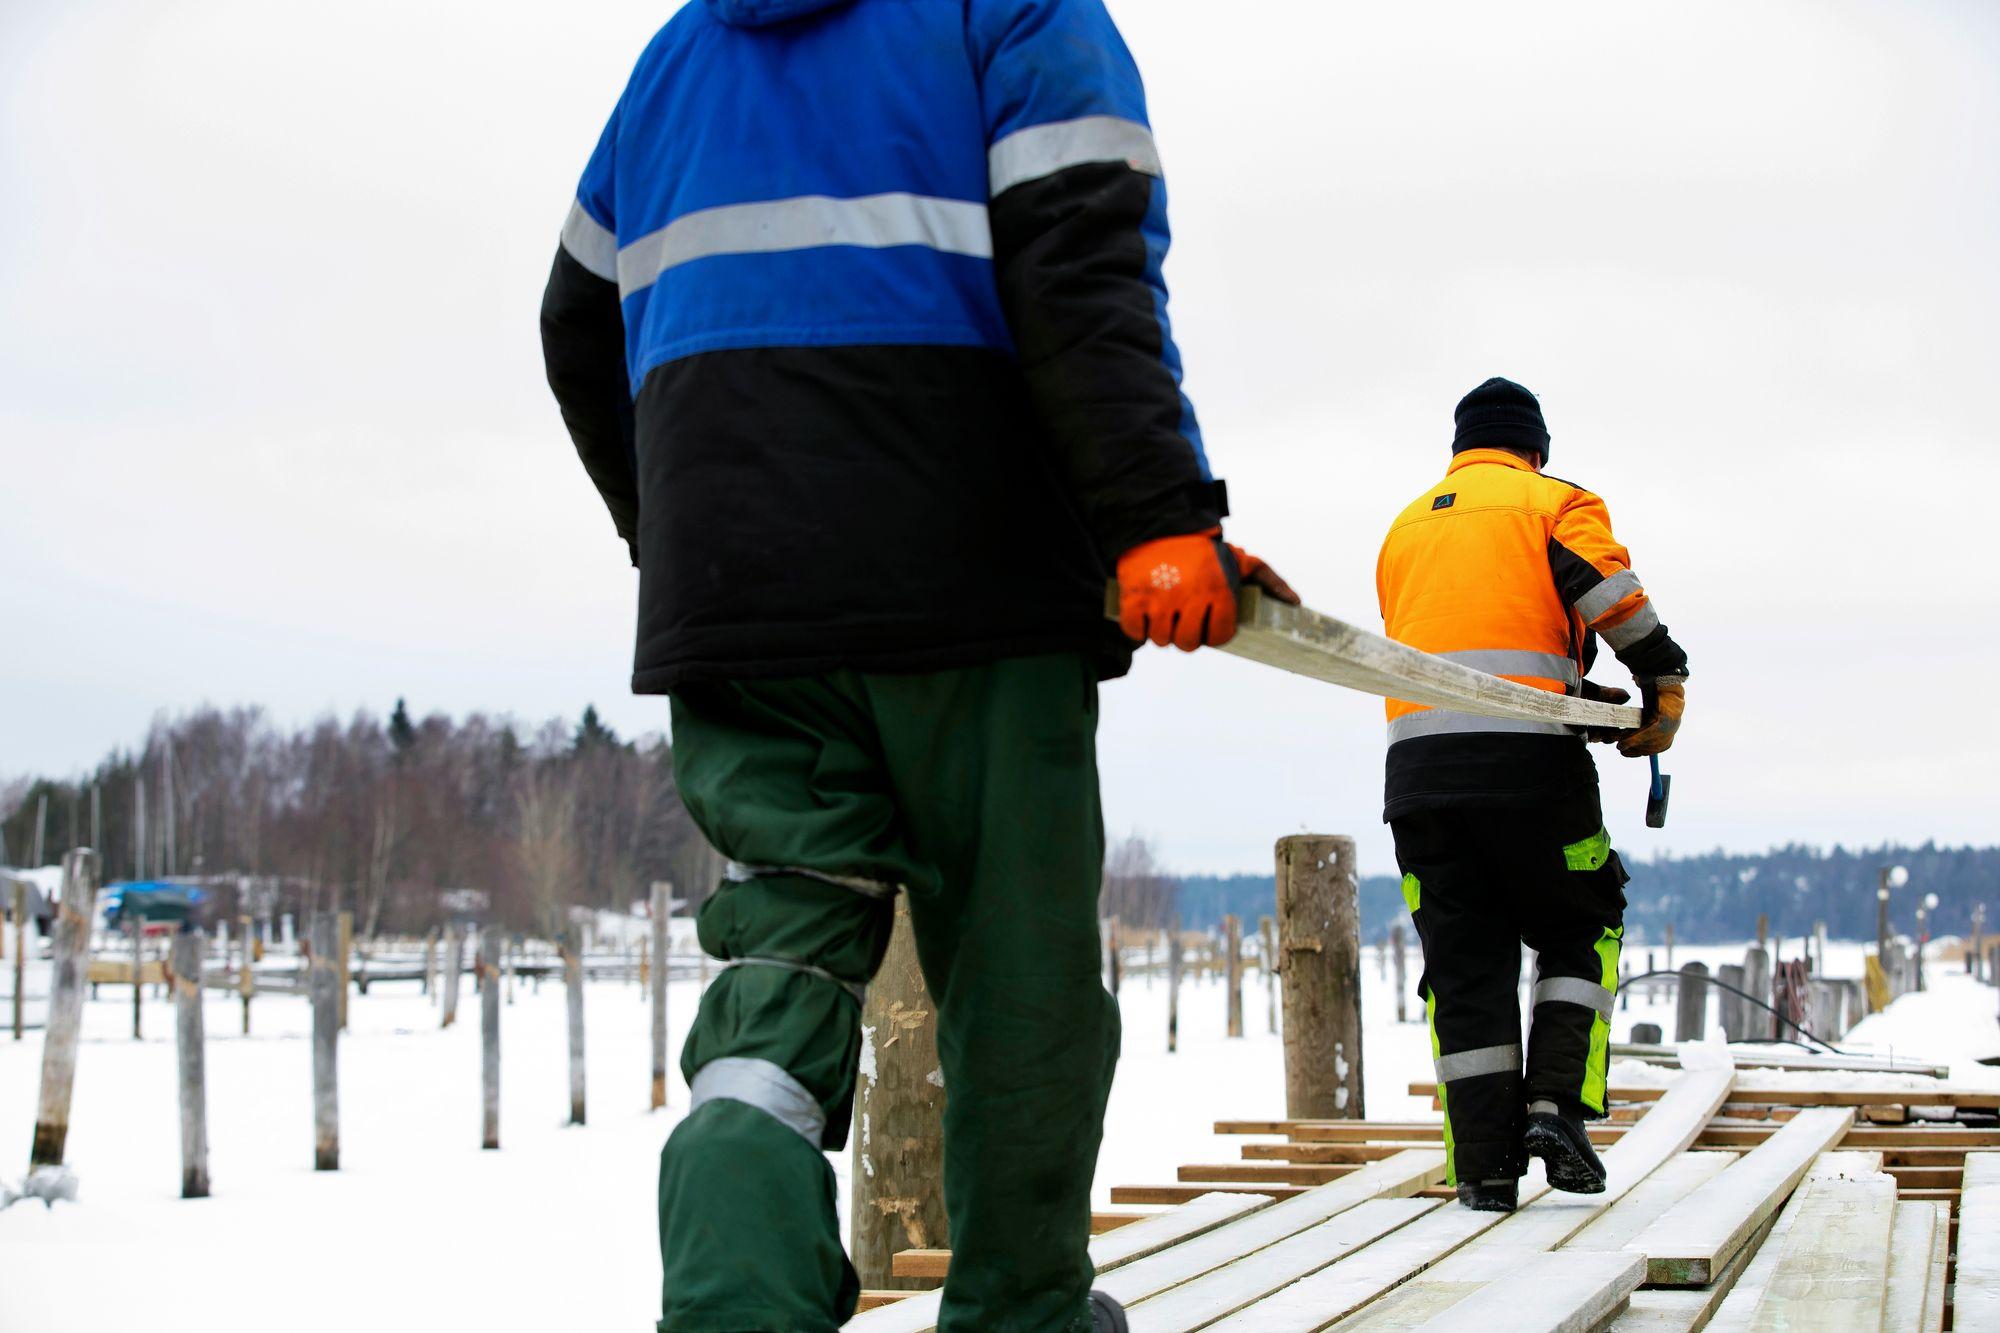 Janne Norqvist ja Tapani Johansson kuljettavat uusia lautoja laituriin, joka vaatii kunnostusta.